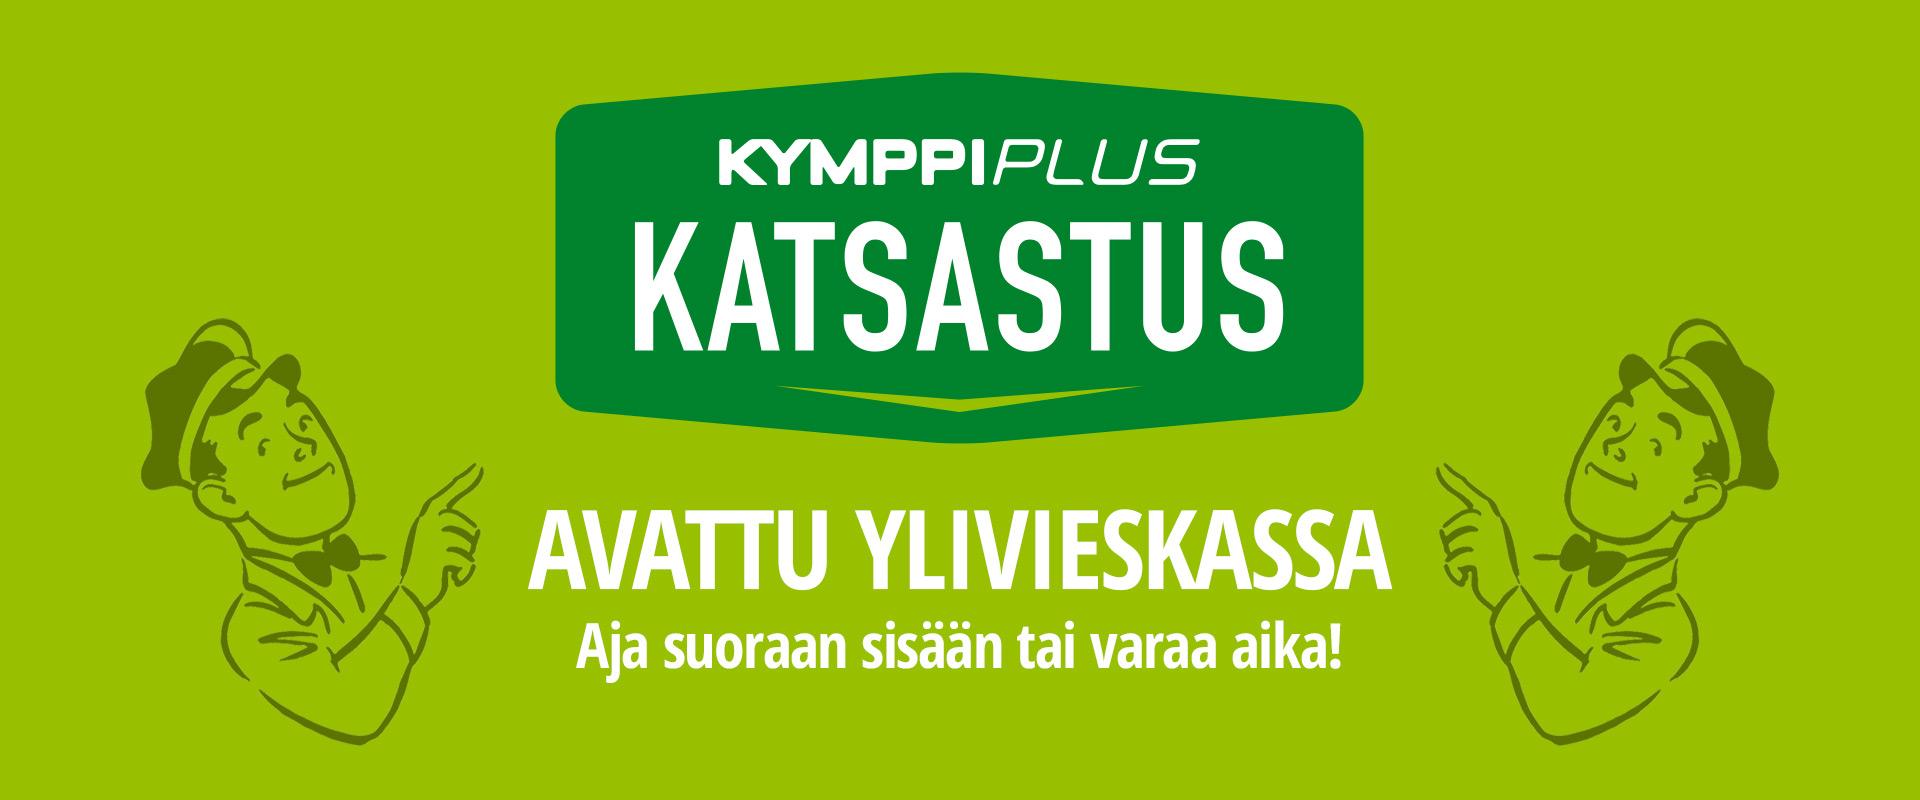 Plus Katsastus Vantaa